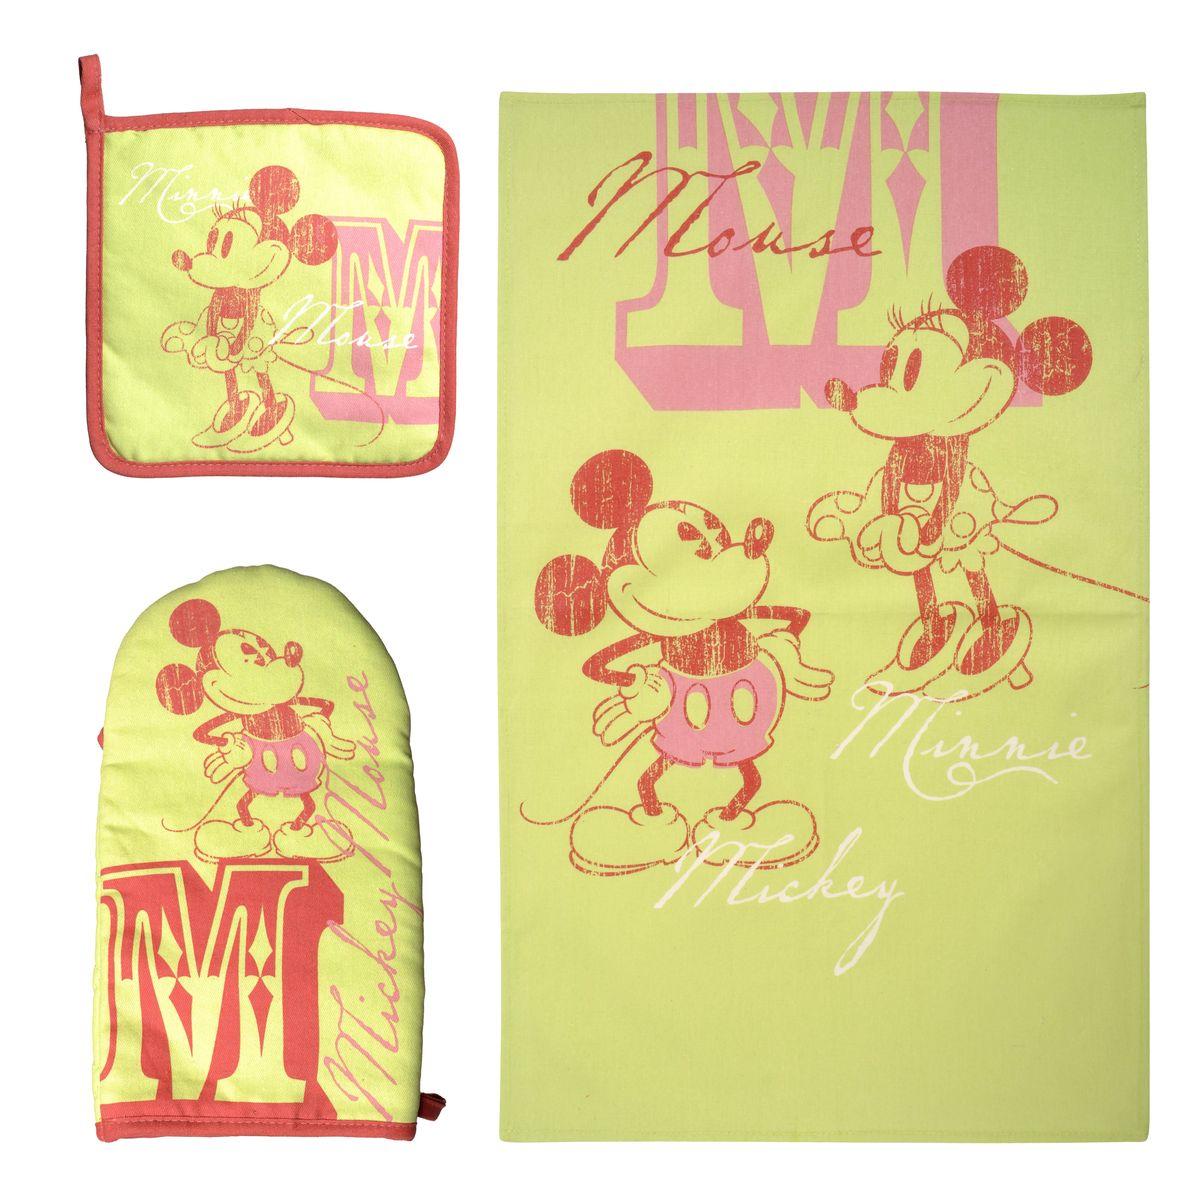 Набор для кухни Disney Mickey&Minnie, 3 предмета. 65095VT-1520(SR)Набор для кухни Disney Mickey&Minnie, выполненный из 100% хлопка, состоит из полотенца, прихватки, варежки. Предметы набора оформлены изображением Микки Мауса и Минни Мауса. Прихватку и рукавицу можно подвешивать благодаря имеющимся на них петелькам. Такой набор - отличный вариант для практичной и современной молодой хозяйки.Размер полотенца: 37 см х 62 см.Размер прихватки: 18 см х 18 см.Размер варежки: 15 см х 28 см.